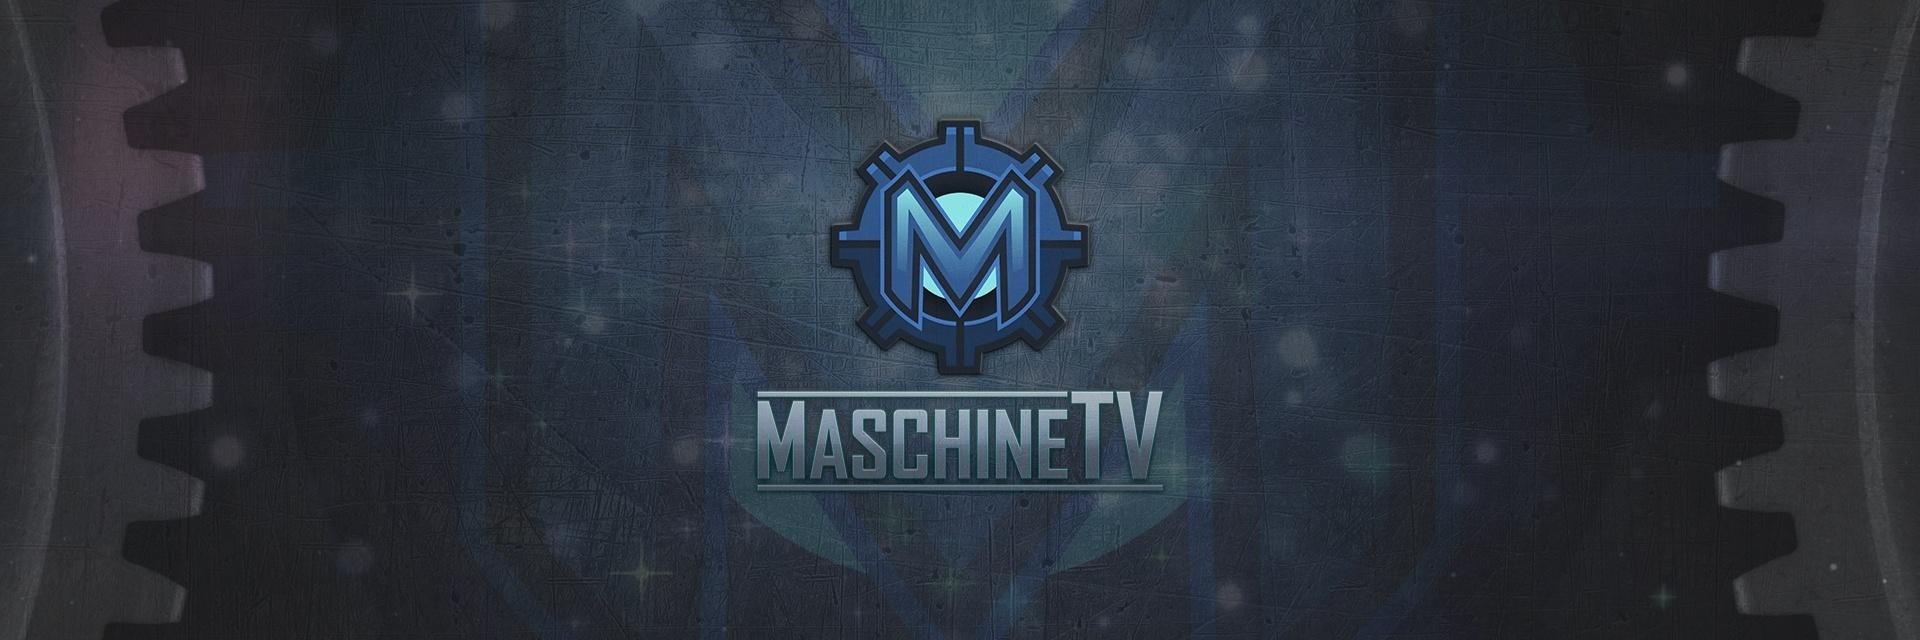 """MaschineTV Fanshop - Ein Traum für Fans wird wahr! Es gibt nun unterschiedliche Produkte, die mit der Marke """"MaschineTV"""" verbunden sind, ab sofort zu kaufen! Jede Werbung die du heute auf die Straße trägst kann uns dabei helfen morgen schon ganz groß sein. Danke dafür!"""